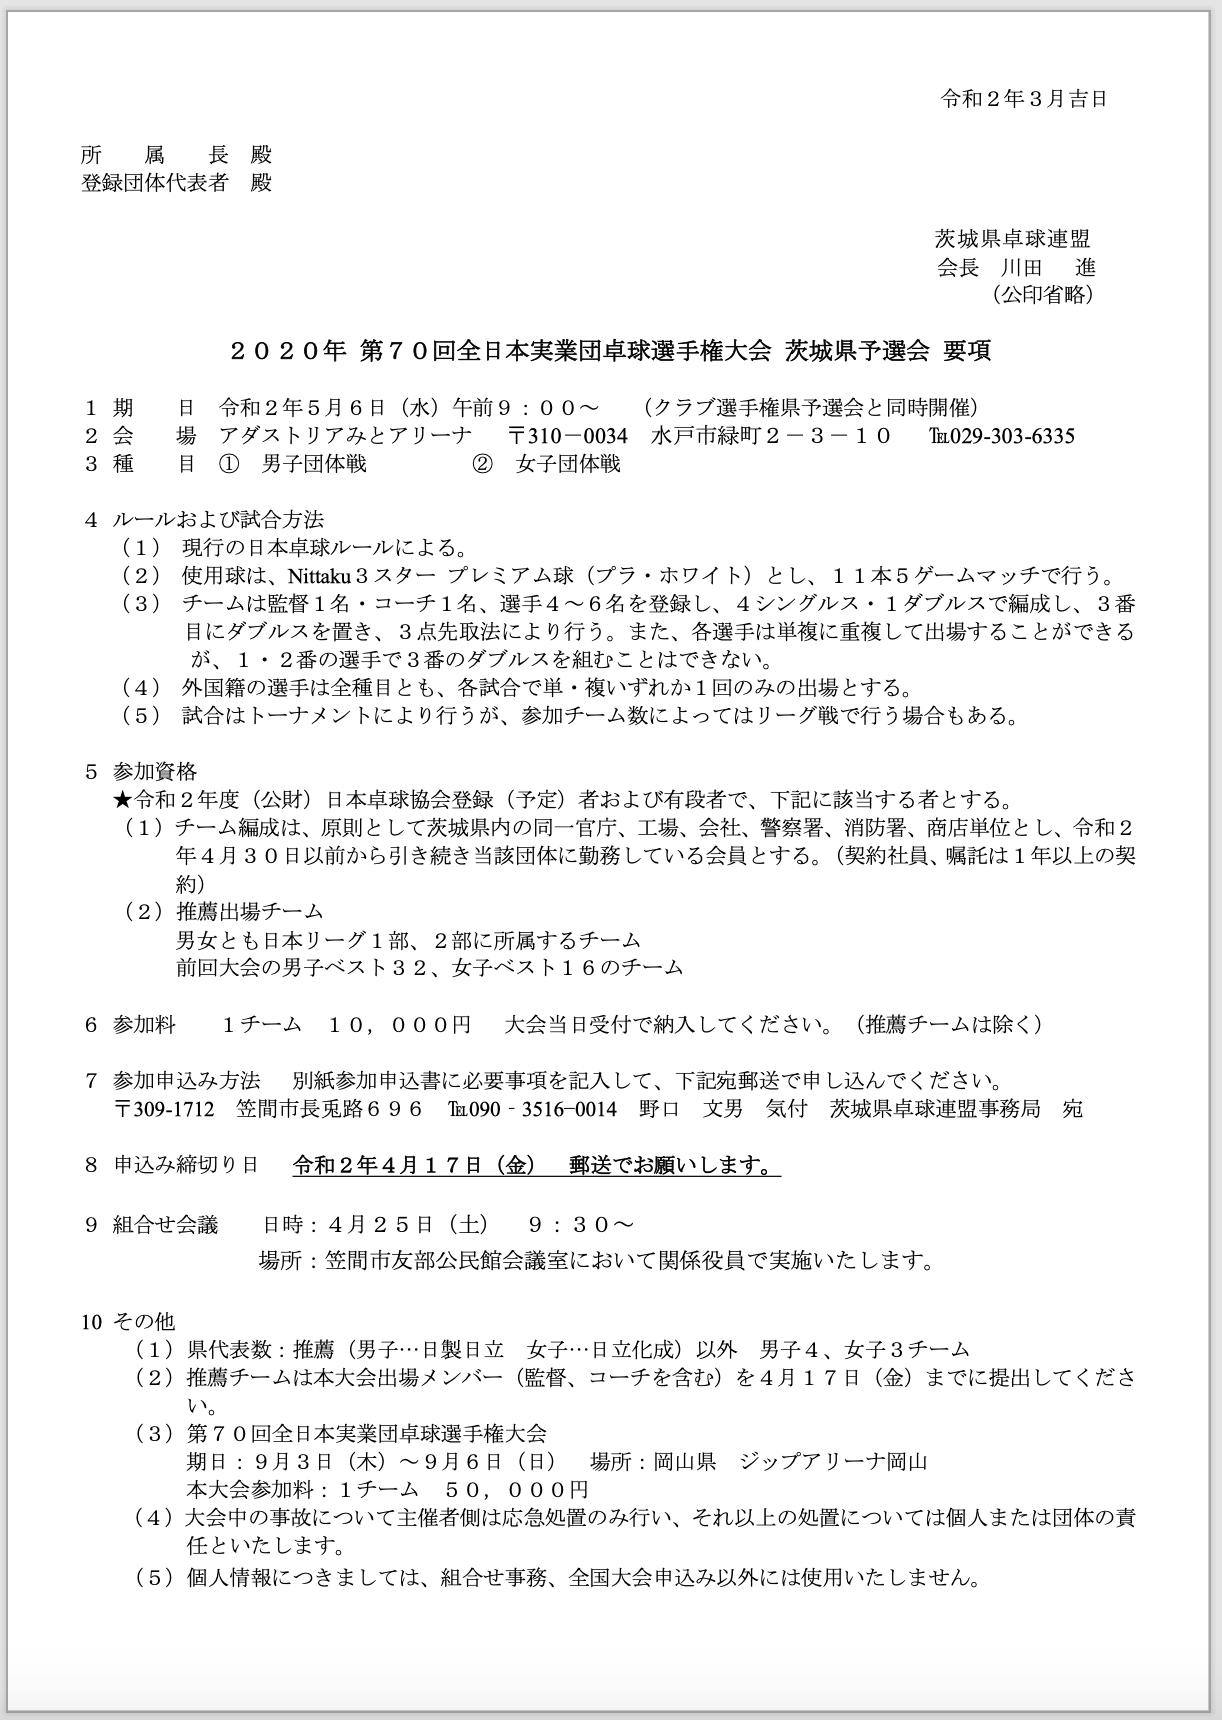 2020年度全日本実業団県予選会要項